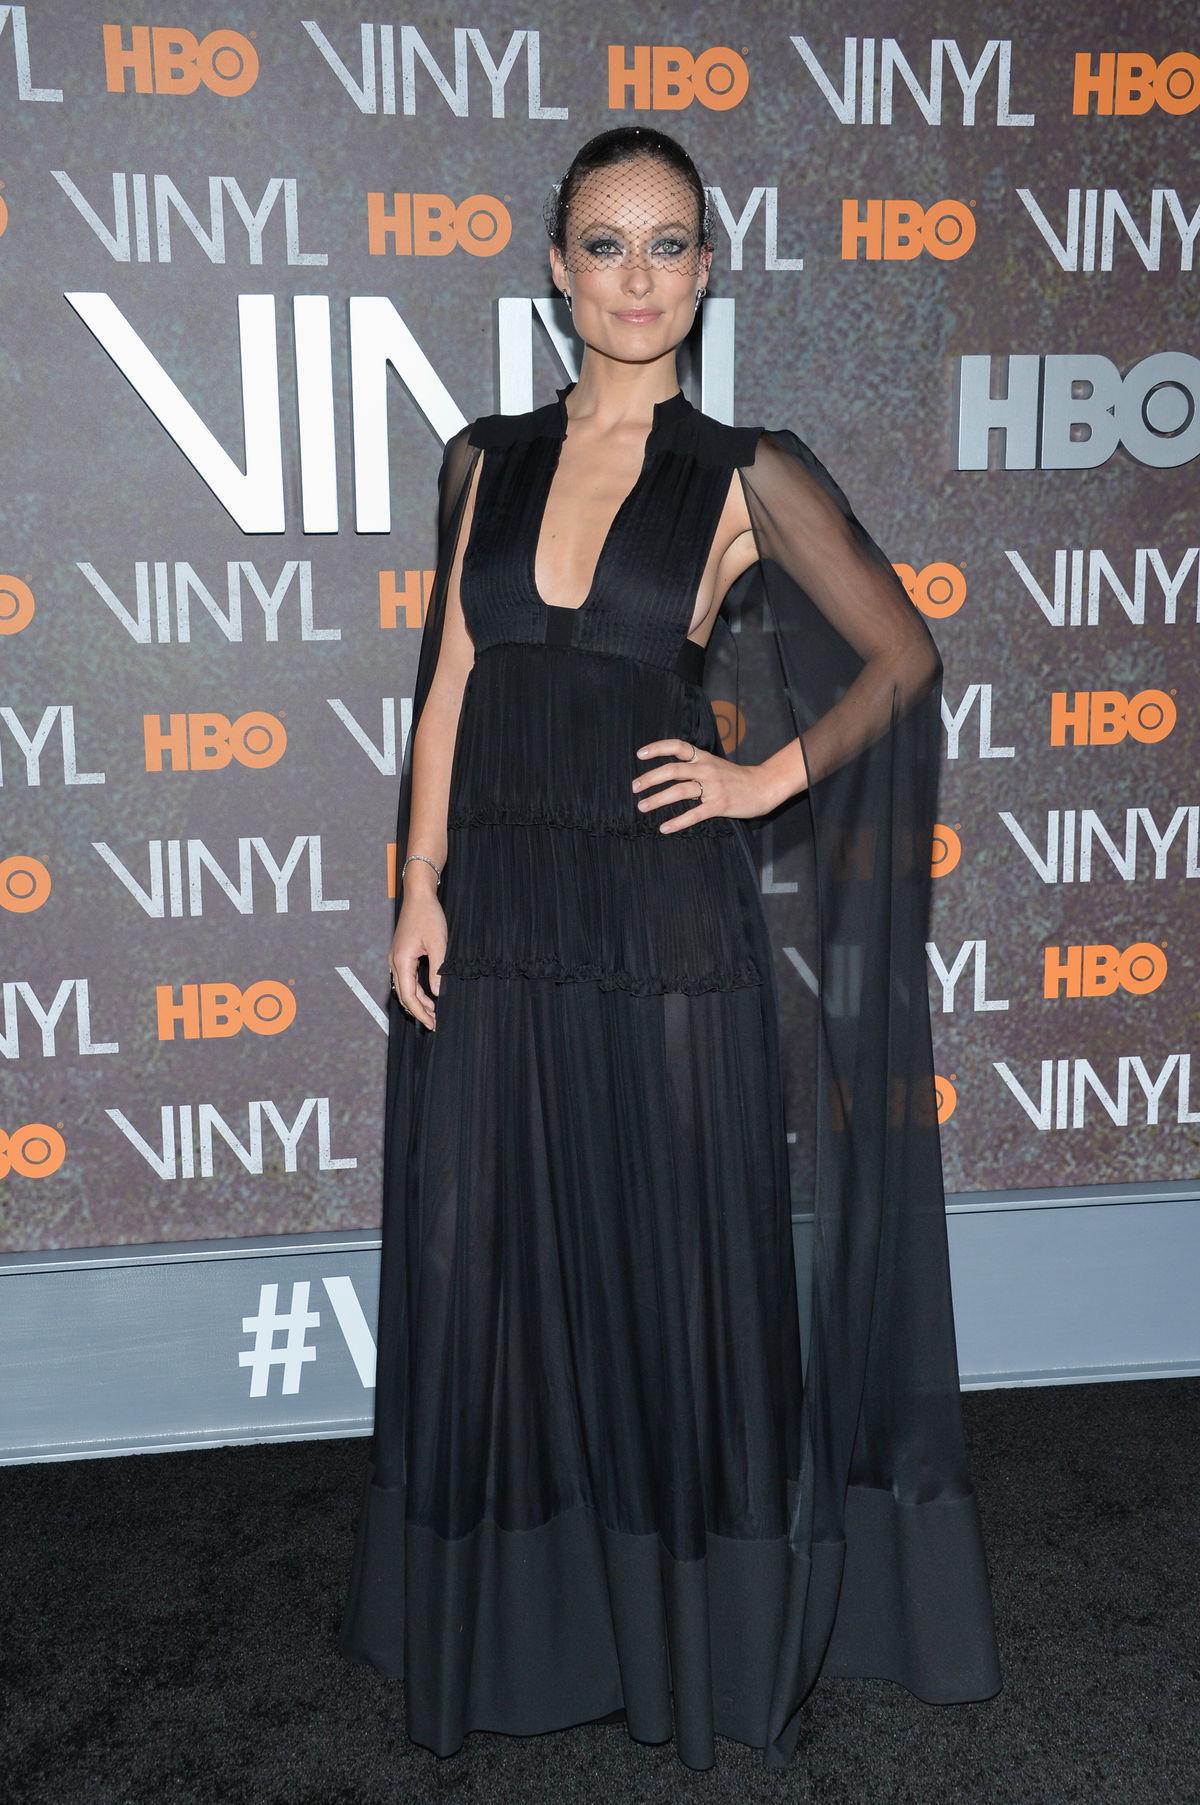 Olivia Wilde v šatách Valentino  na premiére filmu Vinyl v New Yorku.